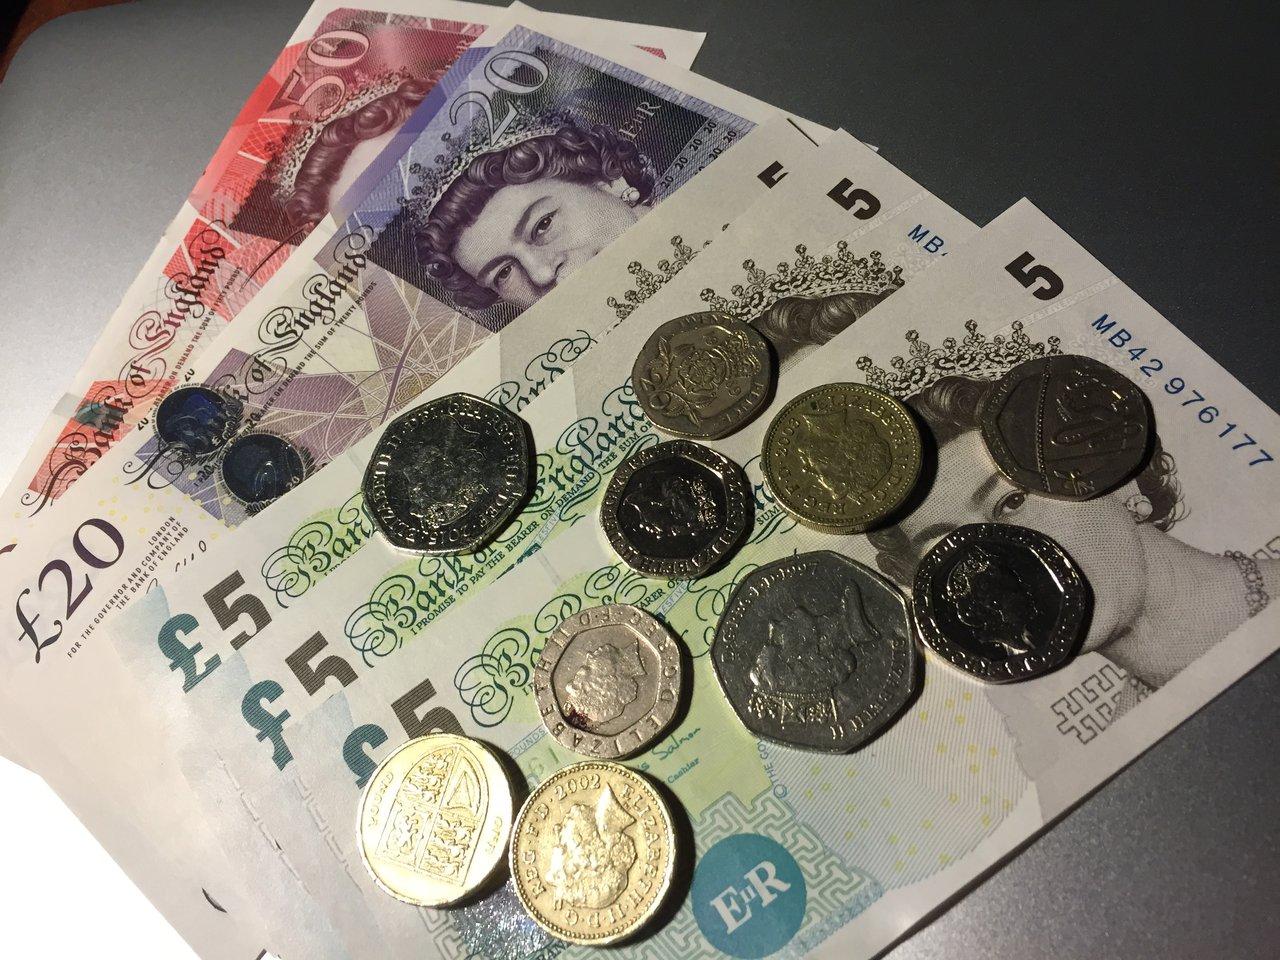 イギリスで日銀の追加緩和が直撃、手元の貨幣の価値がぐんぐん変わる貴重な体験